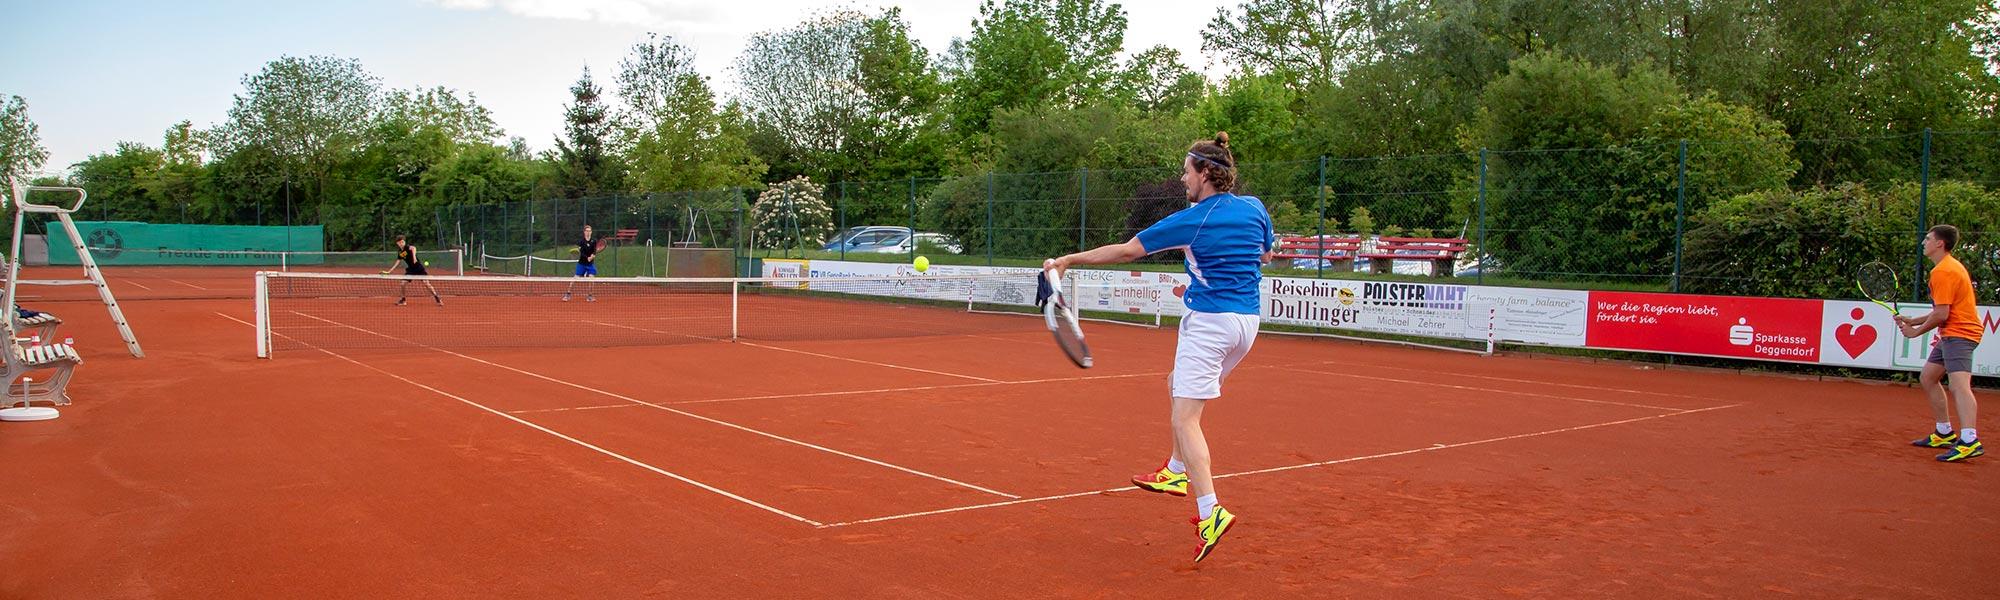 Tennis-Turniersport - TC Hengersberg